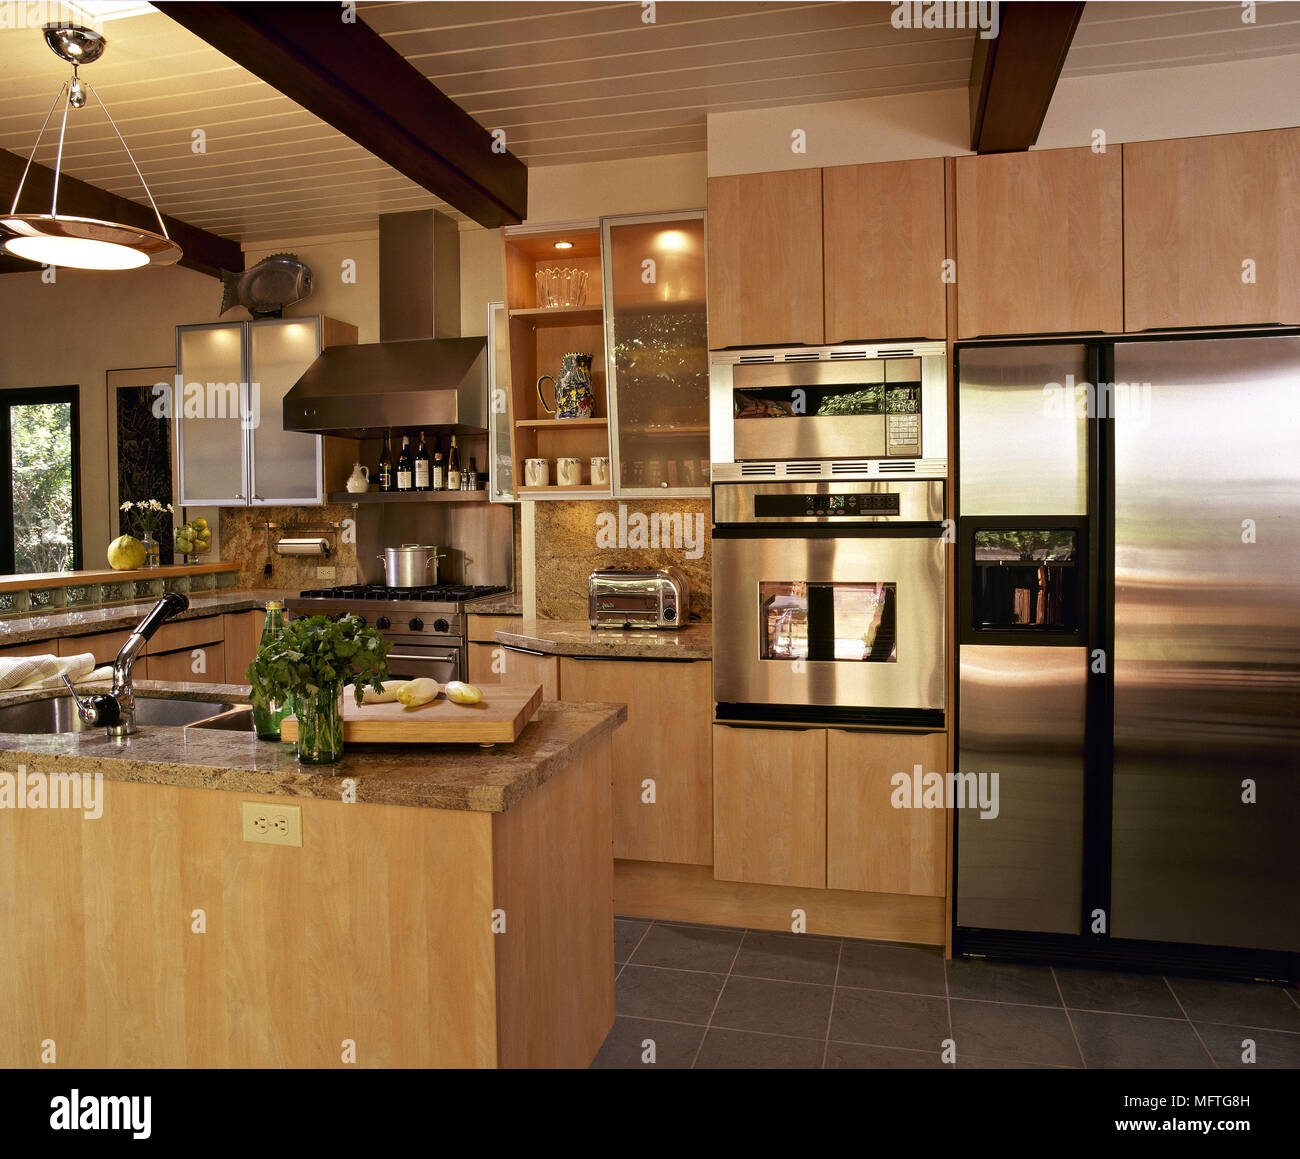 Moderne Küche Holz Decke Holz Einheiten Granit Arbeitsplatten